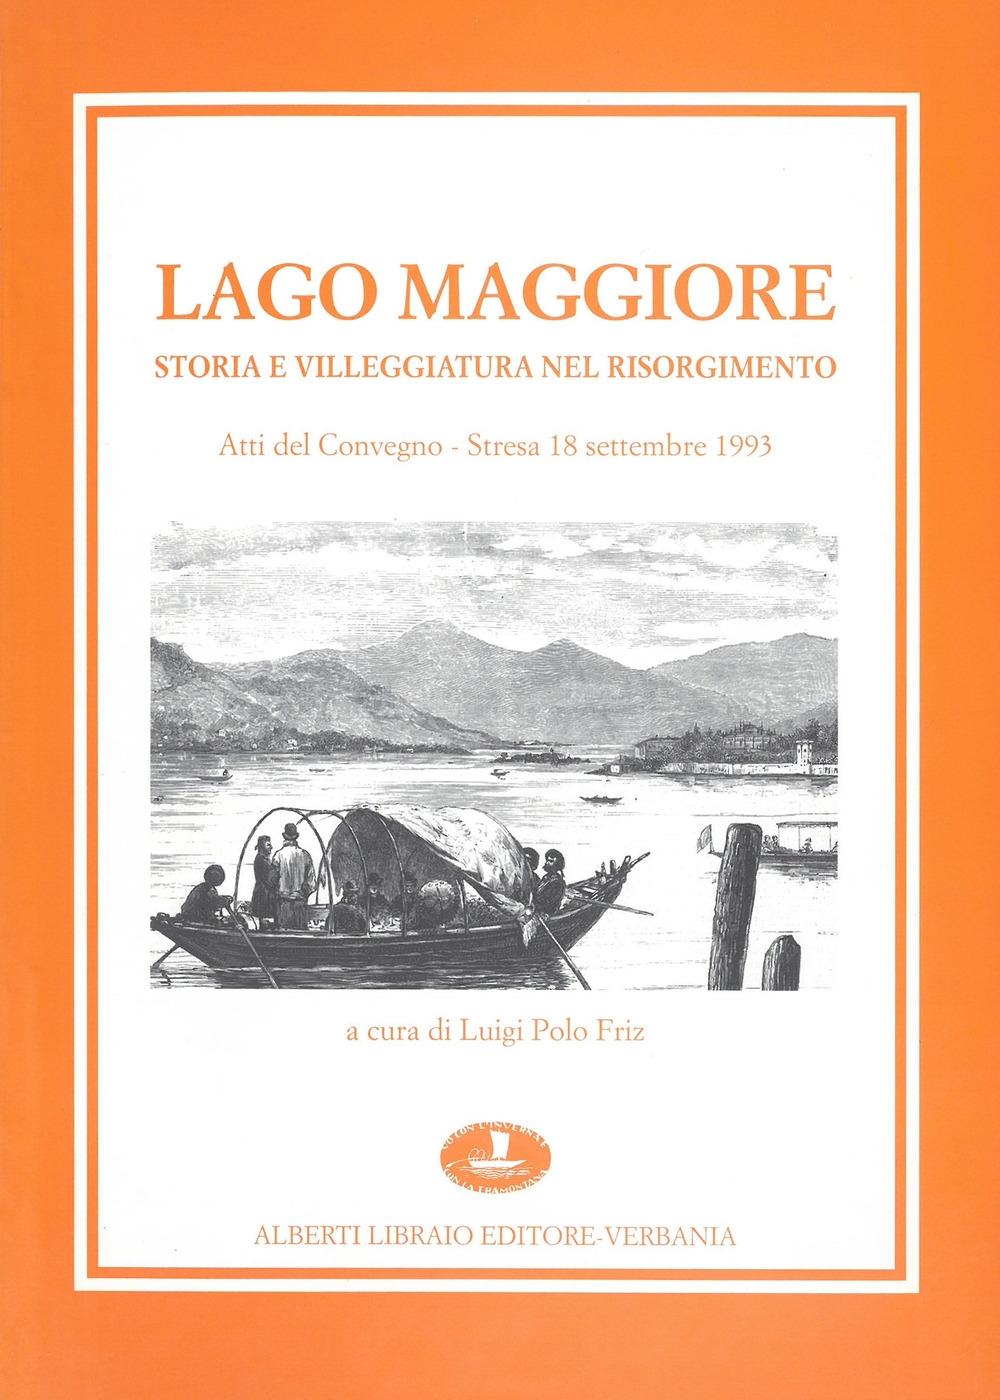 Lago Maggiore. Storia e villeggiatura nel Risorgimento.